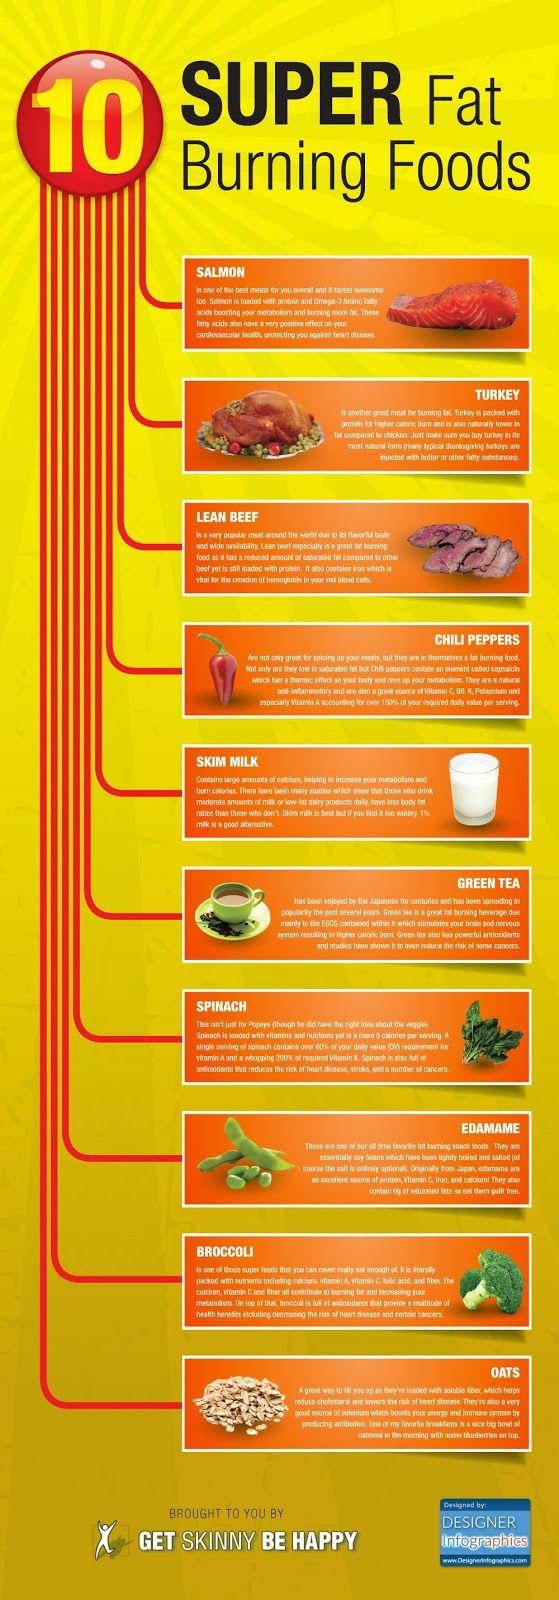 Harmful ingredients in fat burners